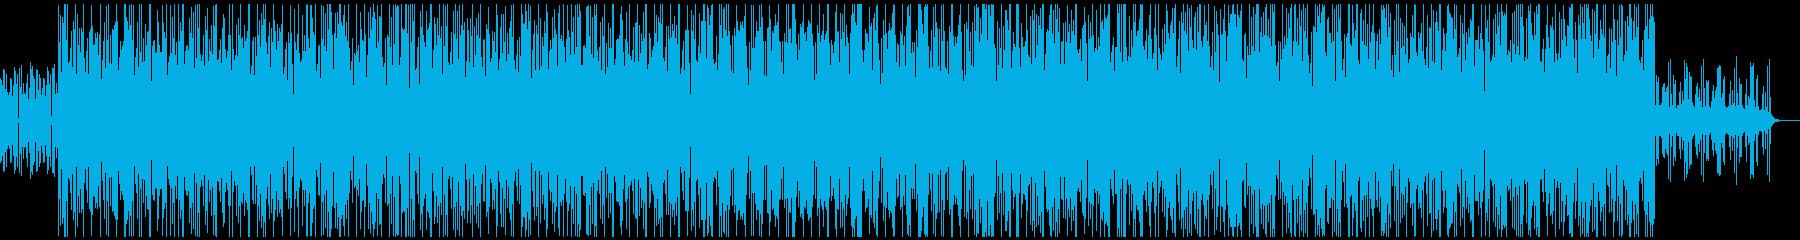 80年代のYMO的な和風テクノポップの再生済みの波形